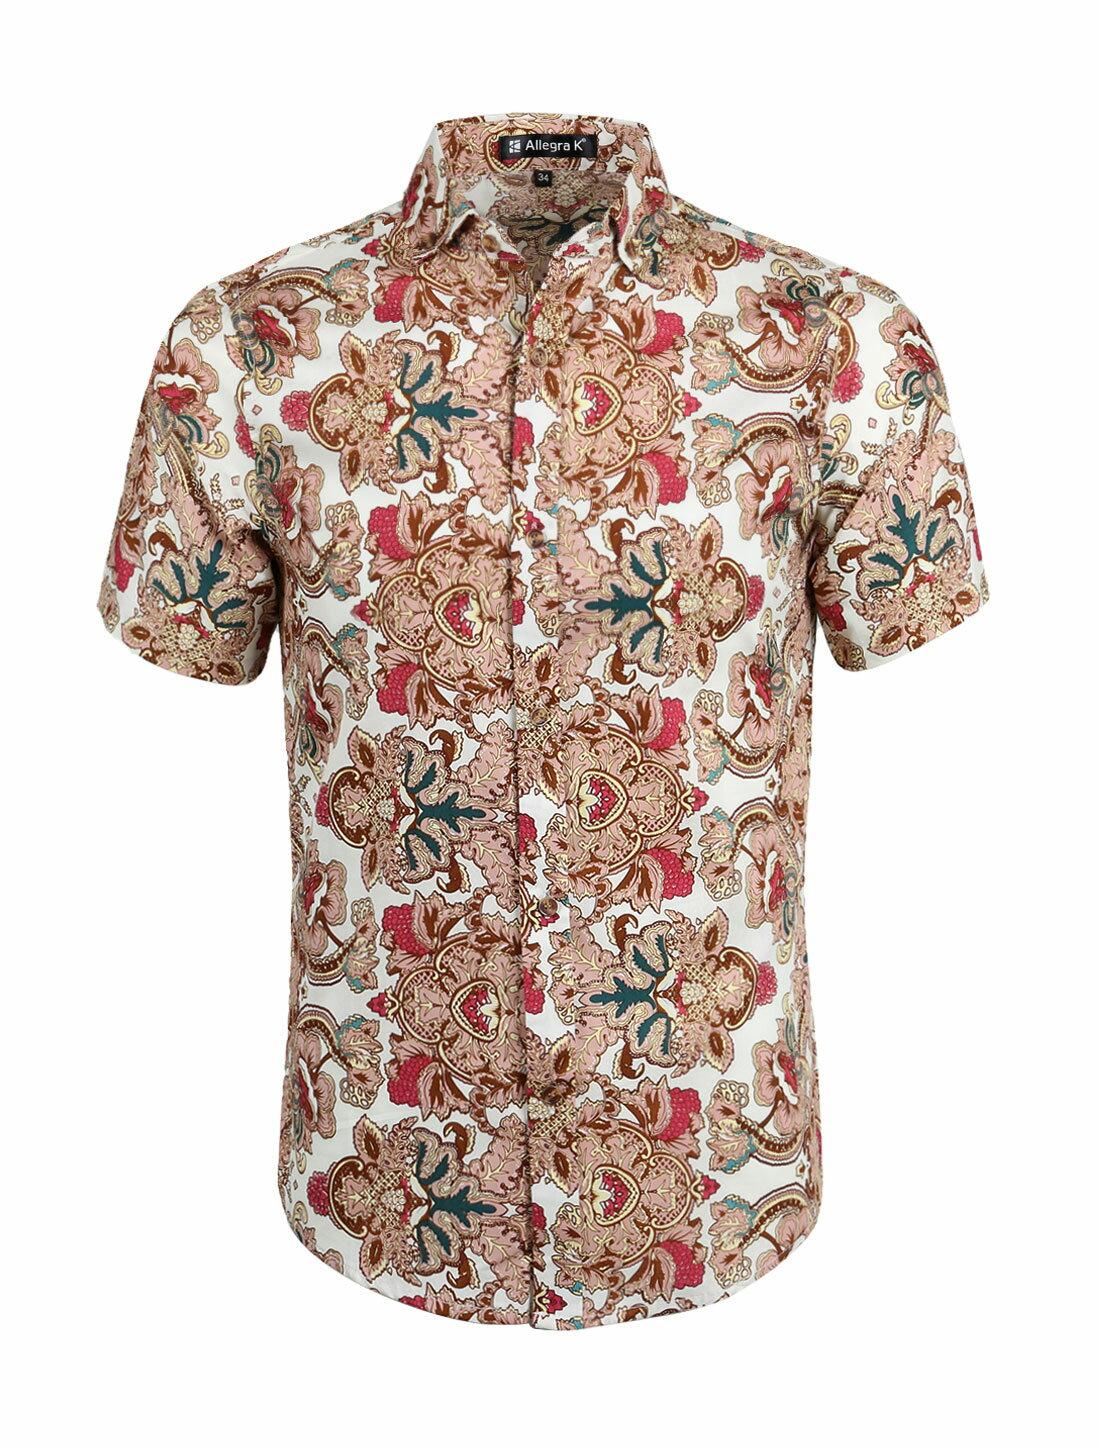 e3af865ed787 Unique Bargains Men s Summer Button Down Casual Floral Print Short Sleeve  Shirt 0